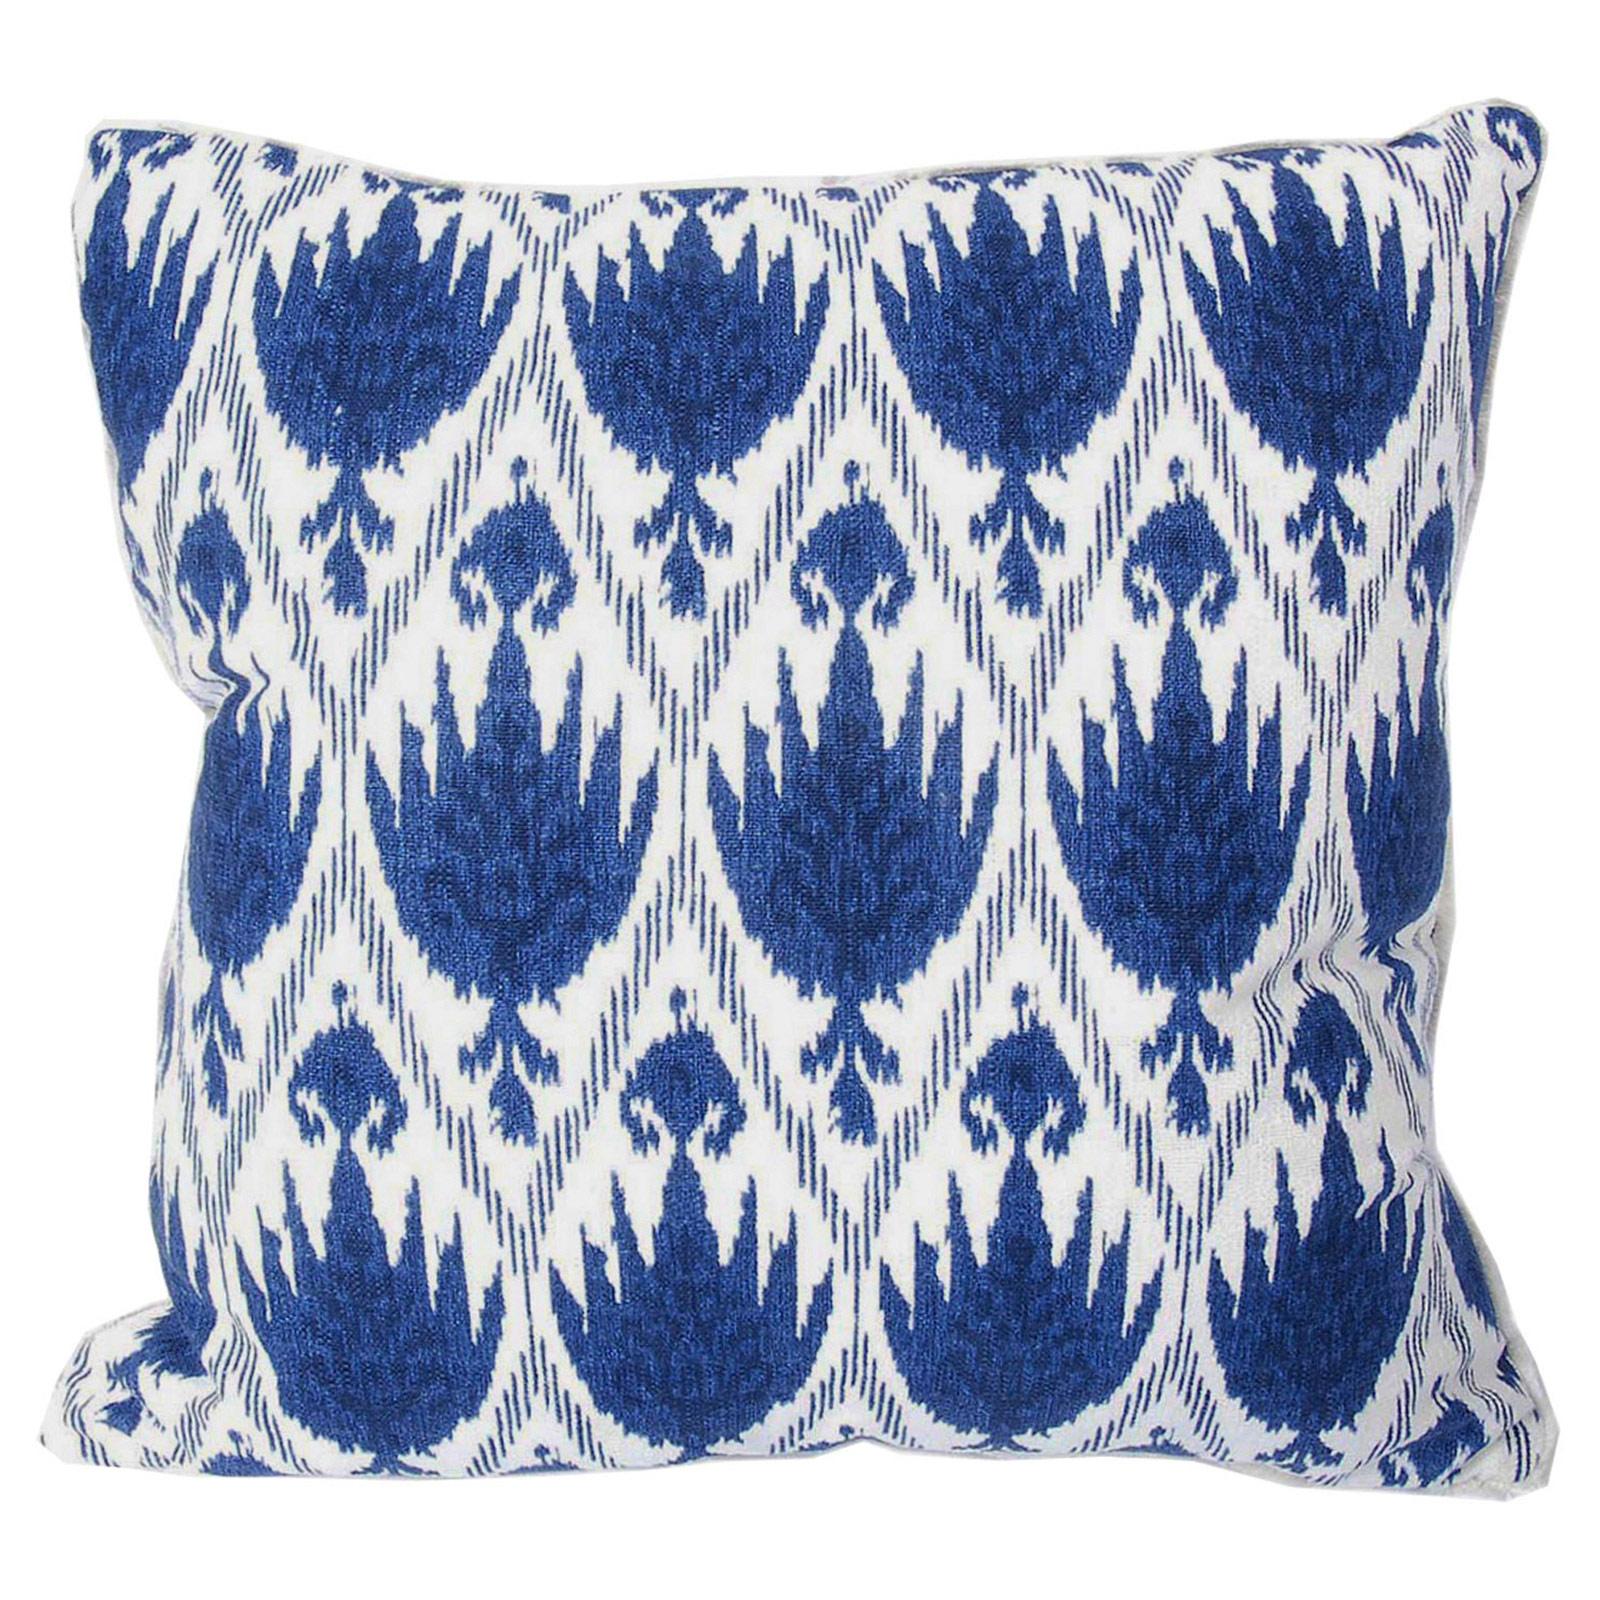 Joli Global Bazaar Blue Ikat Linen Pillow - 20x20